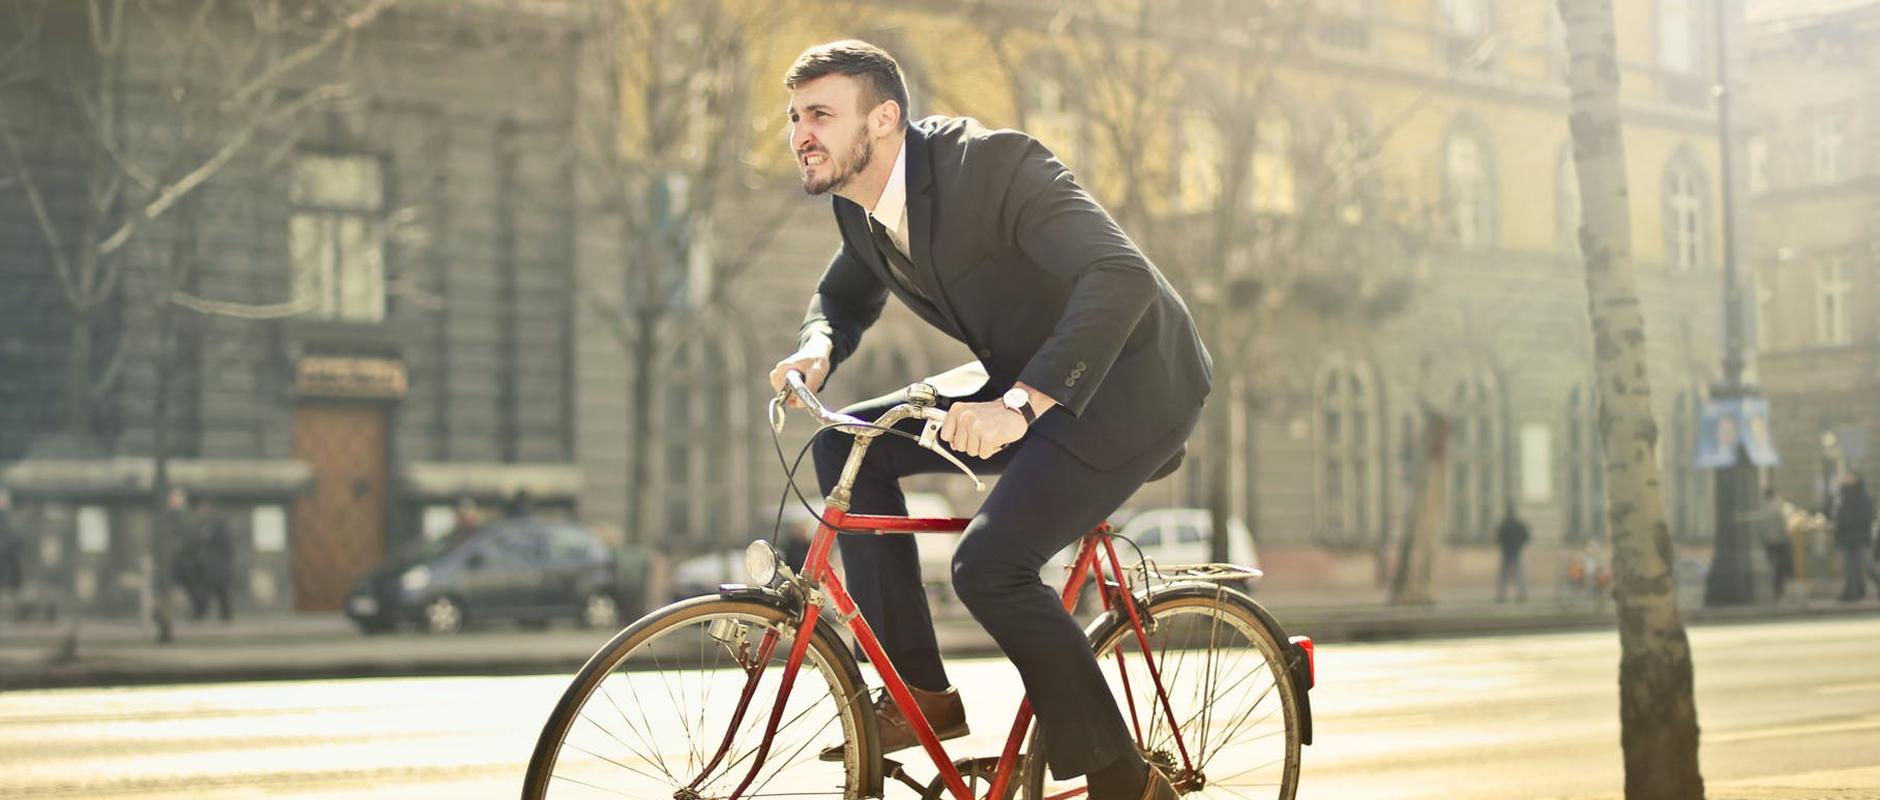 poster image 10 raisons d'aller au boulot à vélo dès aujourd'hui. Un moyen économique - 10 raisons d'aller au boulot à vélo dès aujourd'hui.